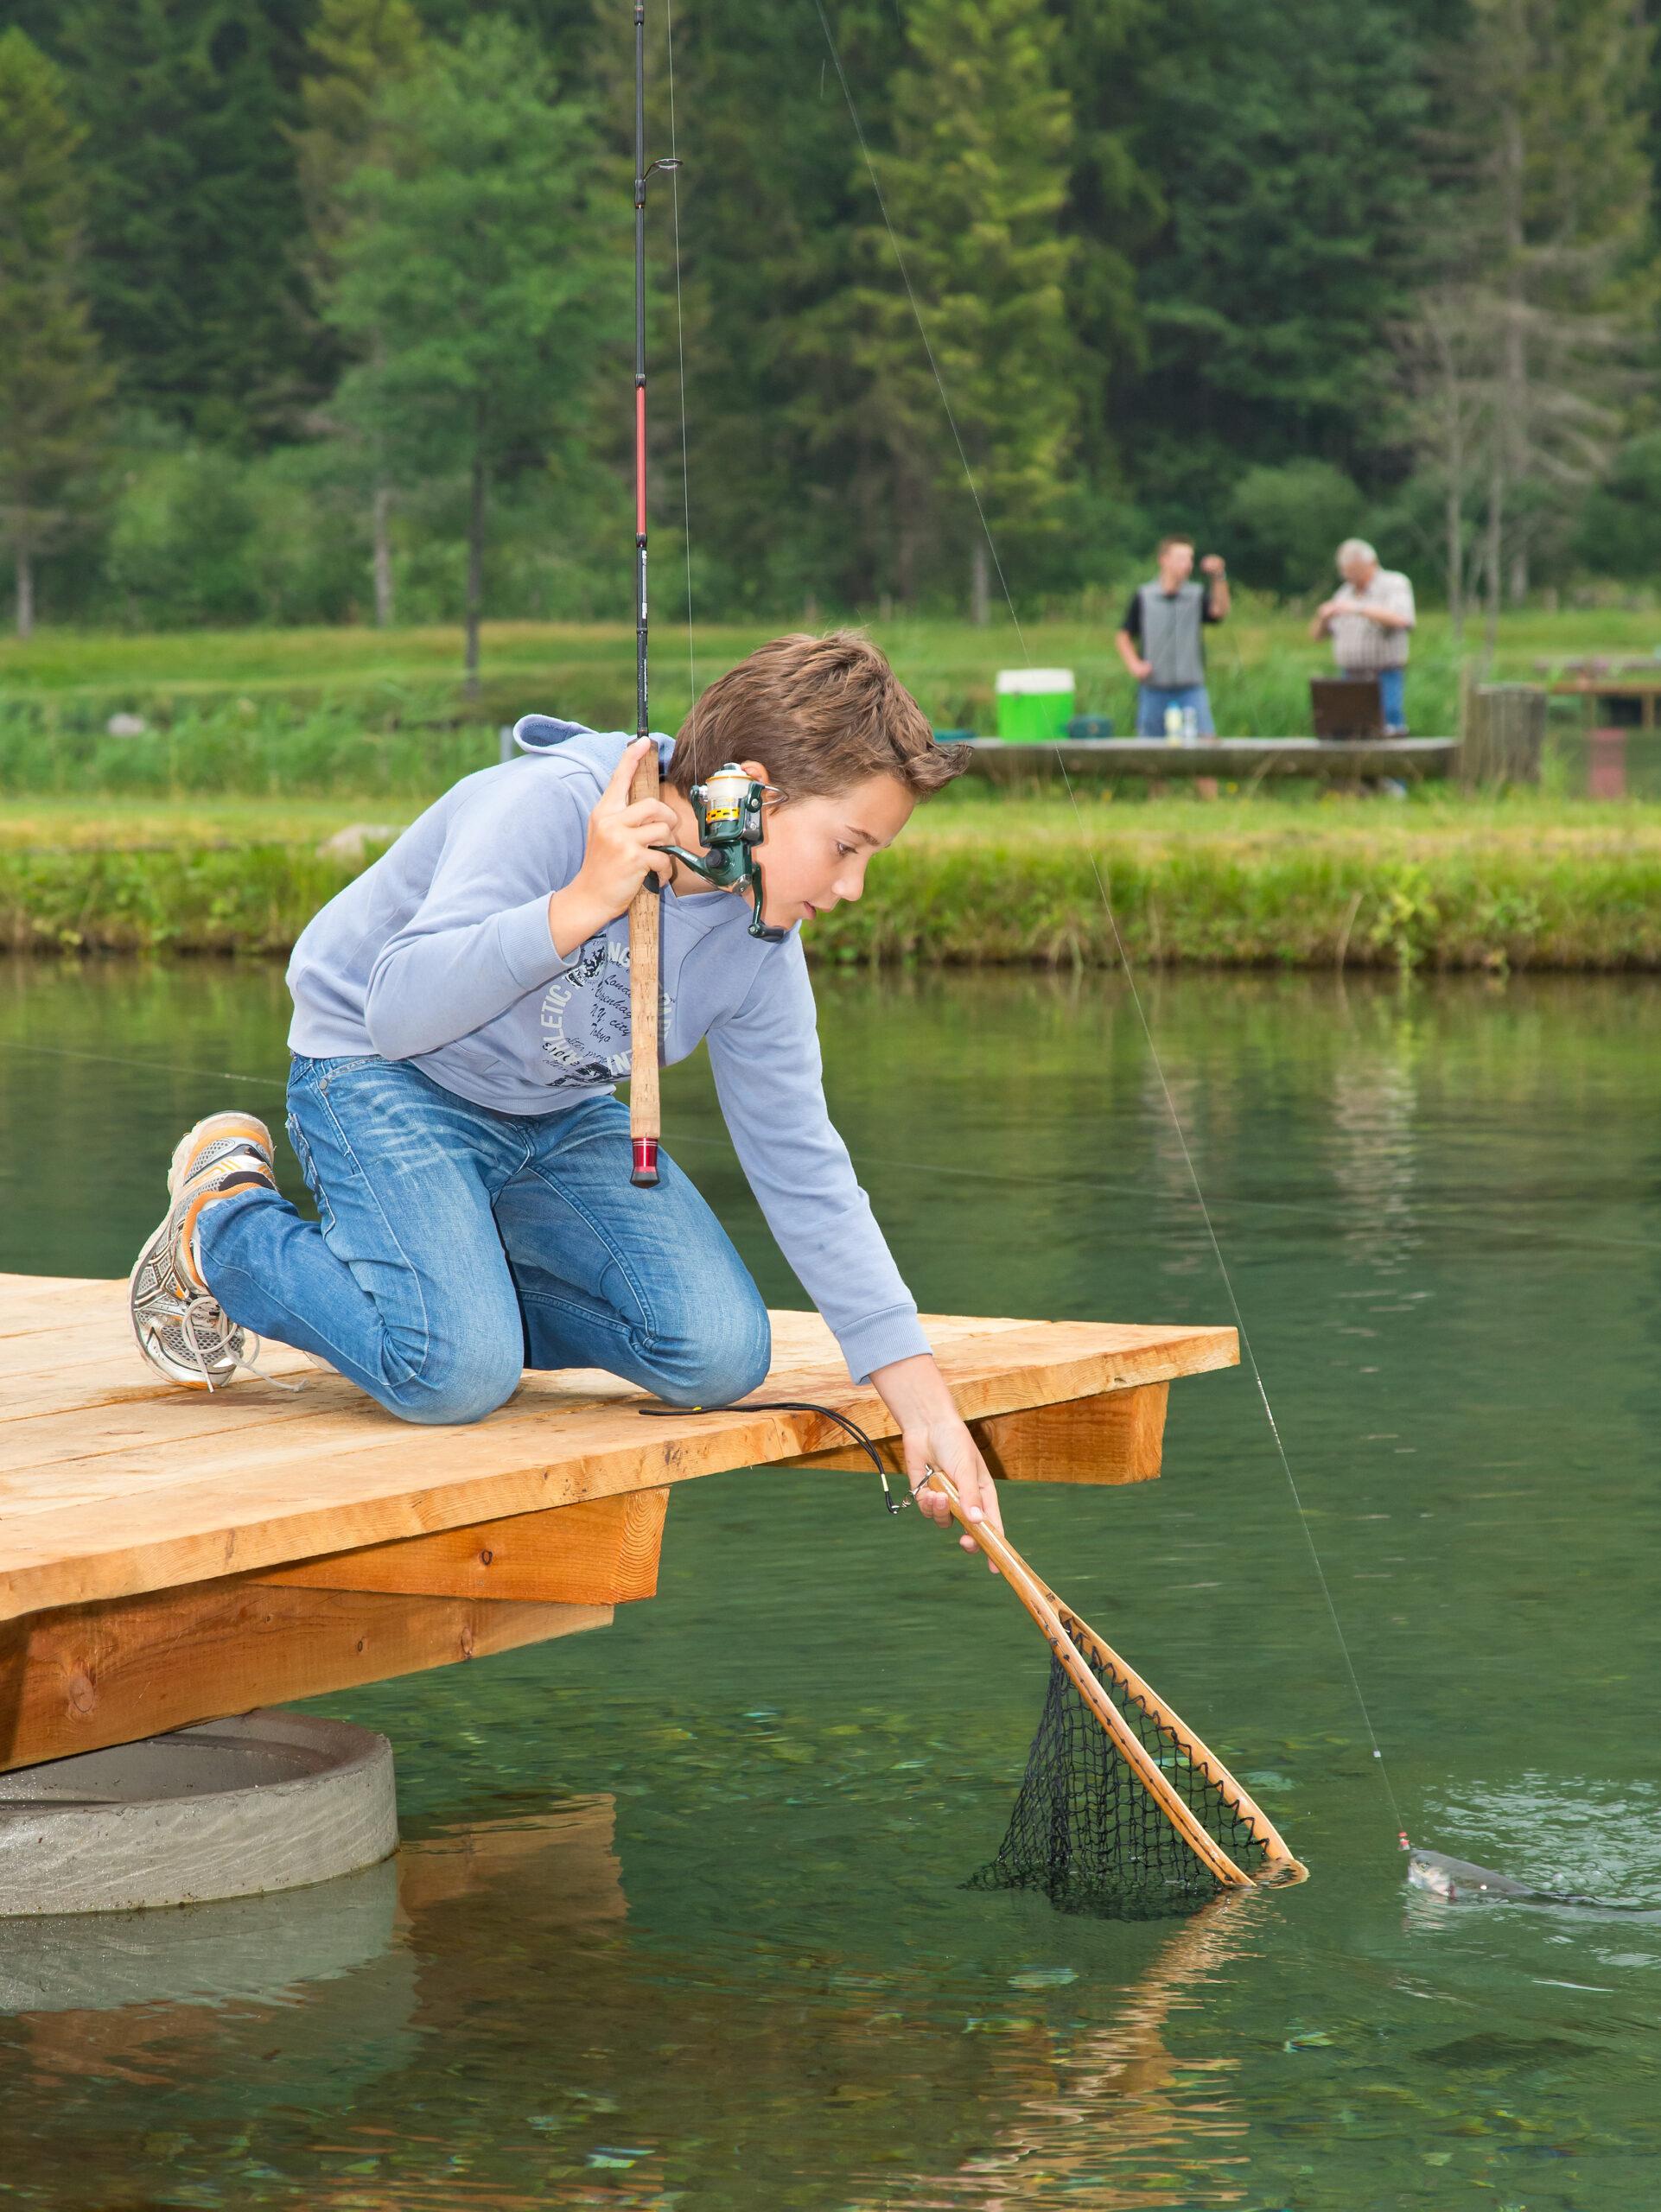 Abenteuer am Wasser: Angeln